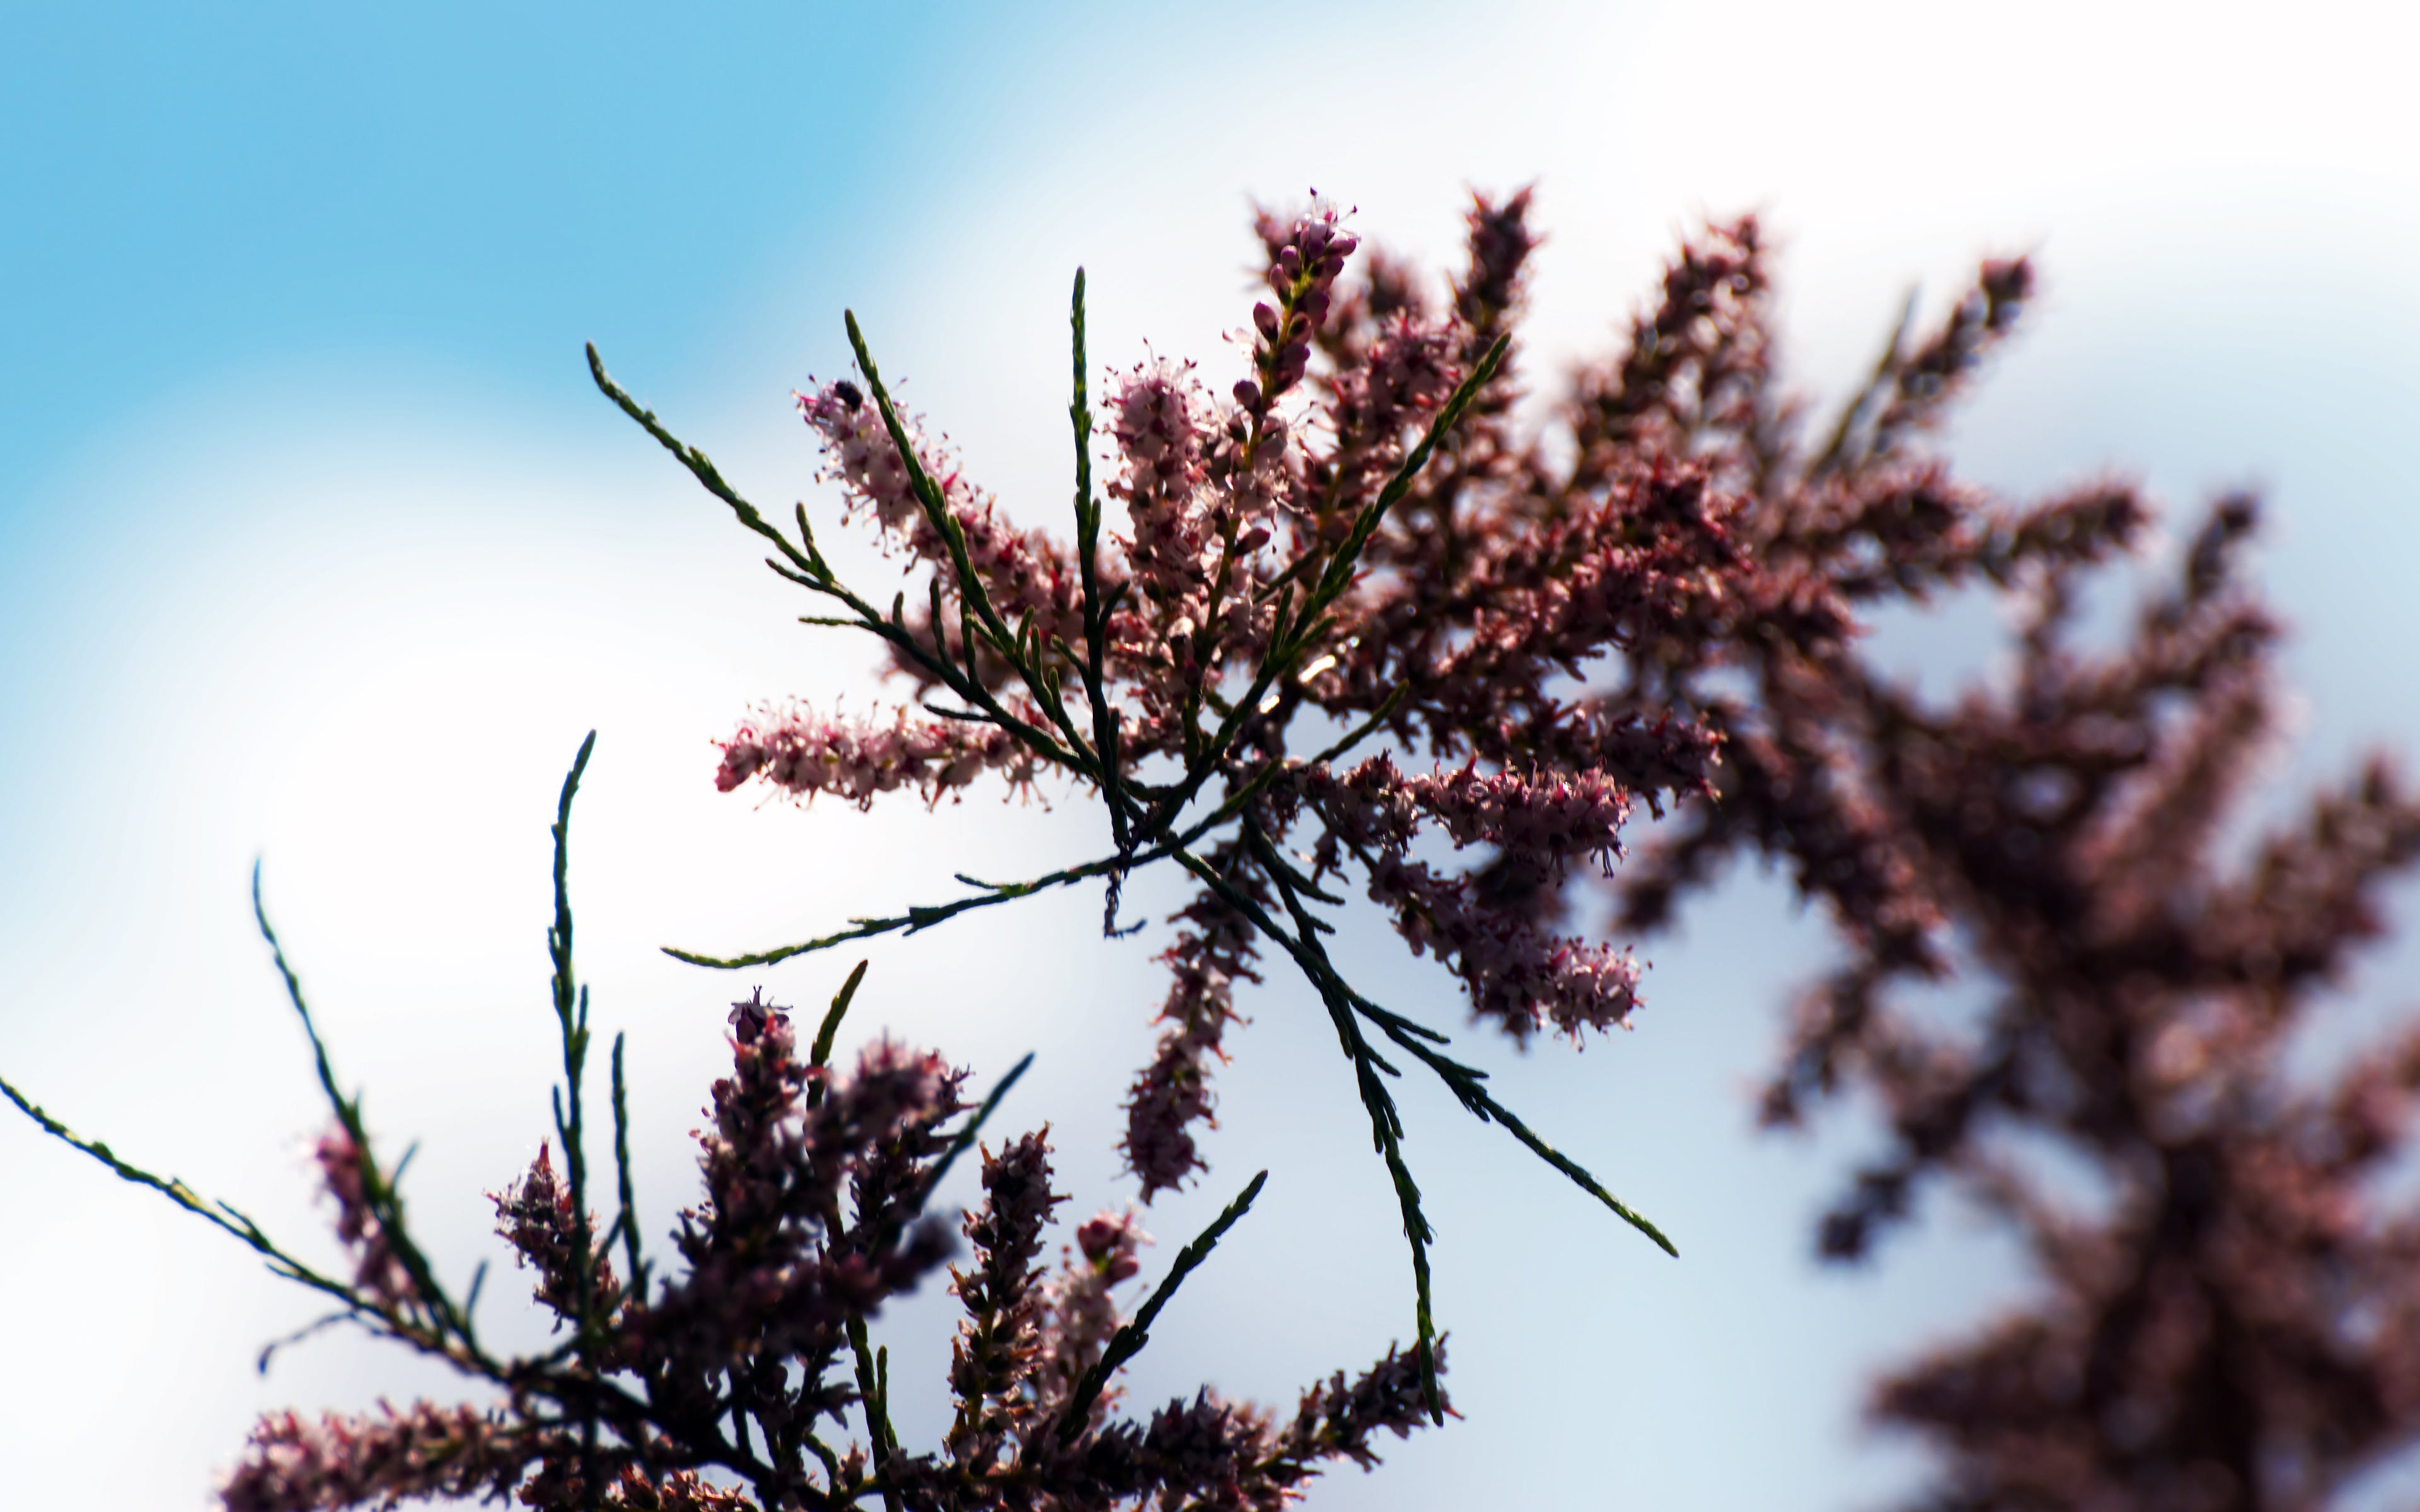 Foto d'estoc gratuïta de arbre, branques d'arbres en flor, branquillons, cel